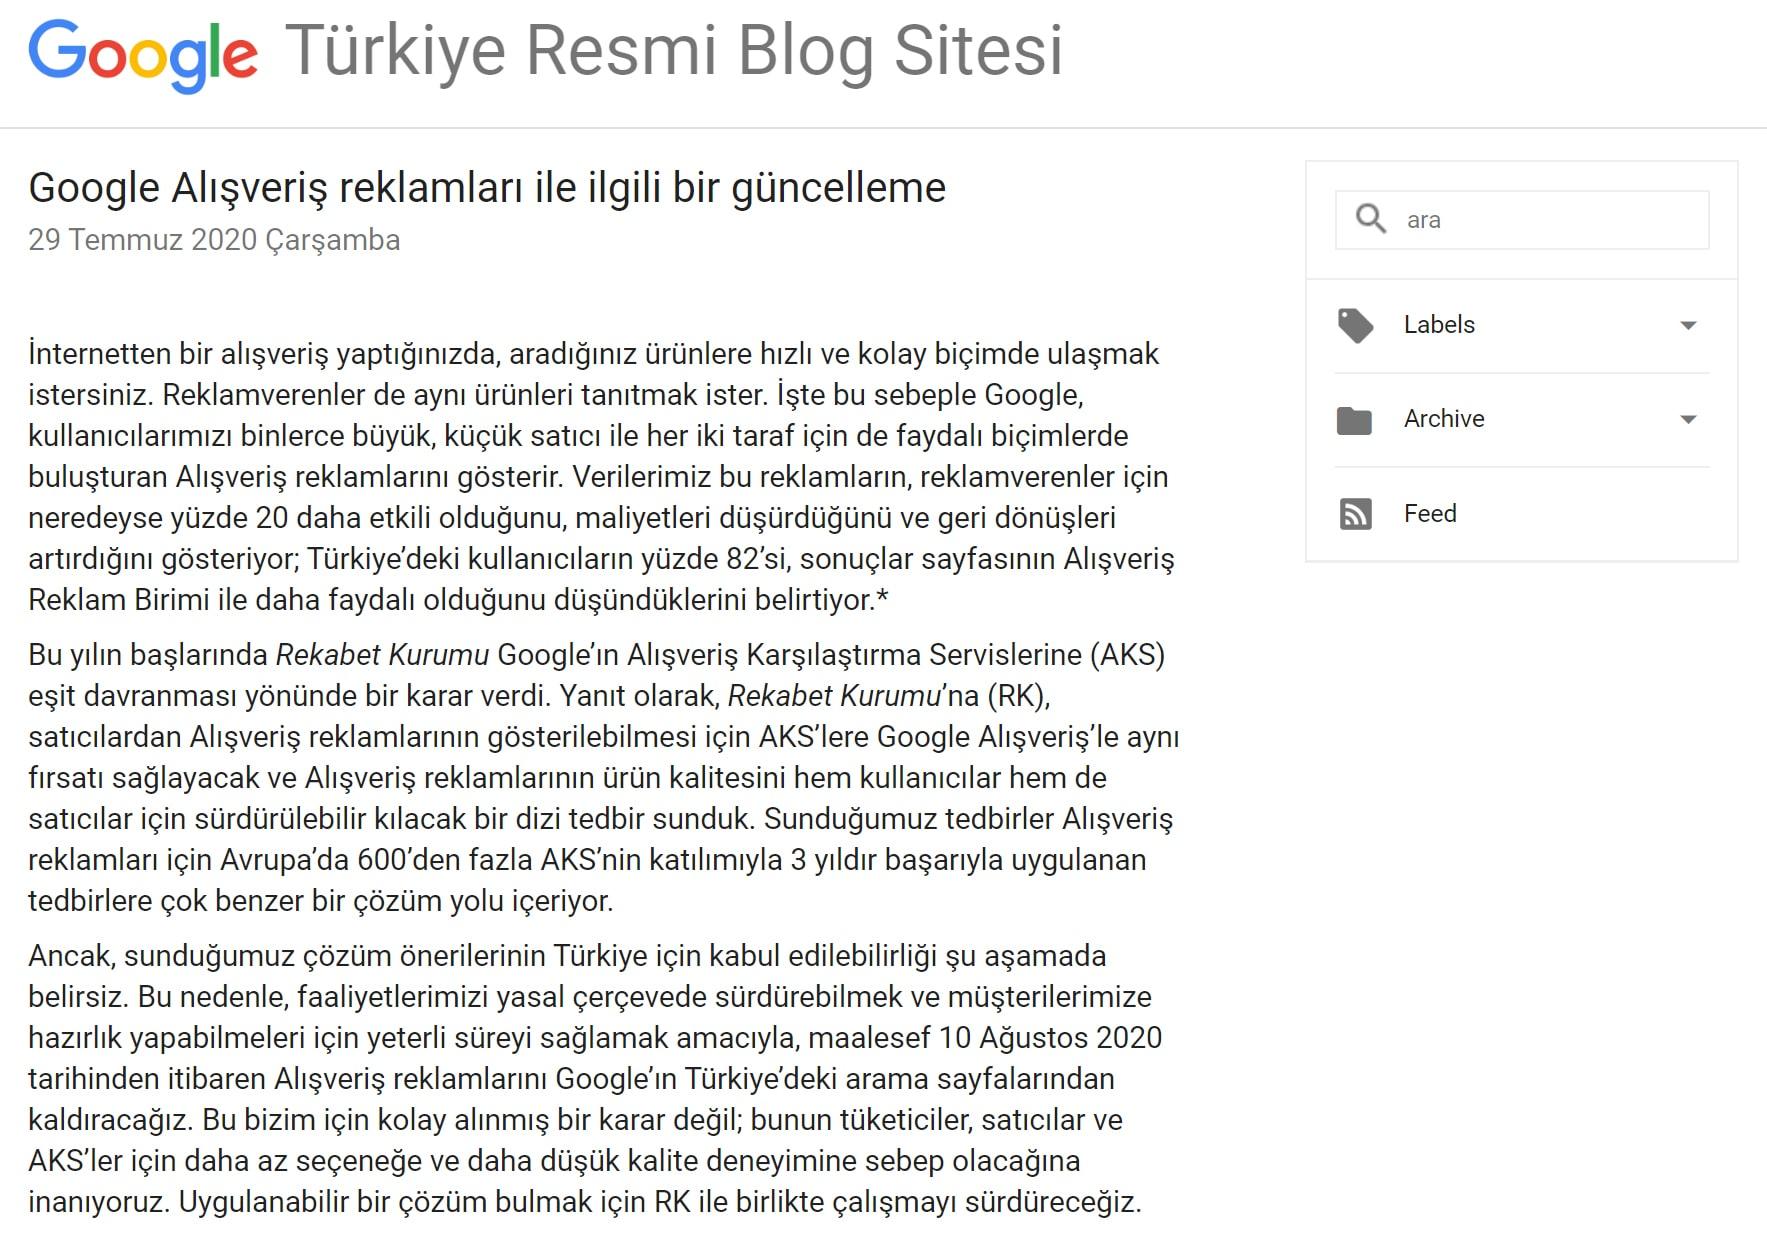 Google-ın Turkiye kararı